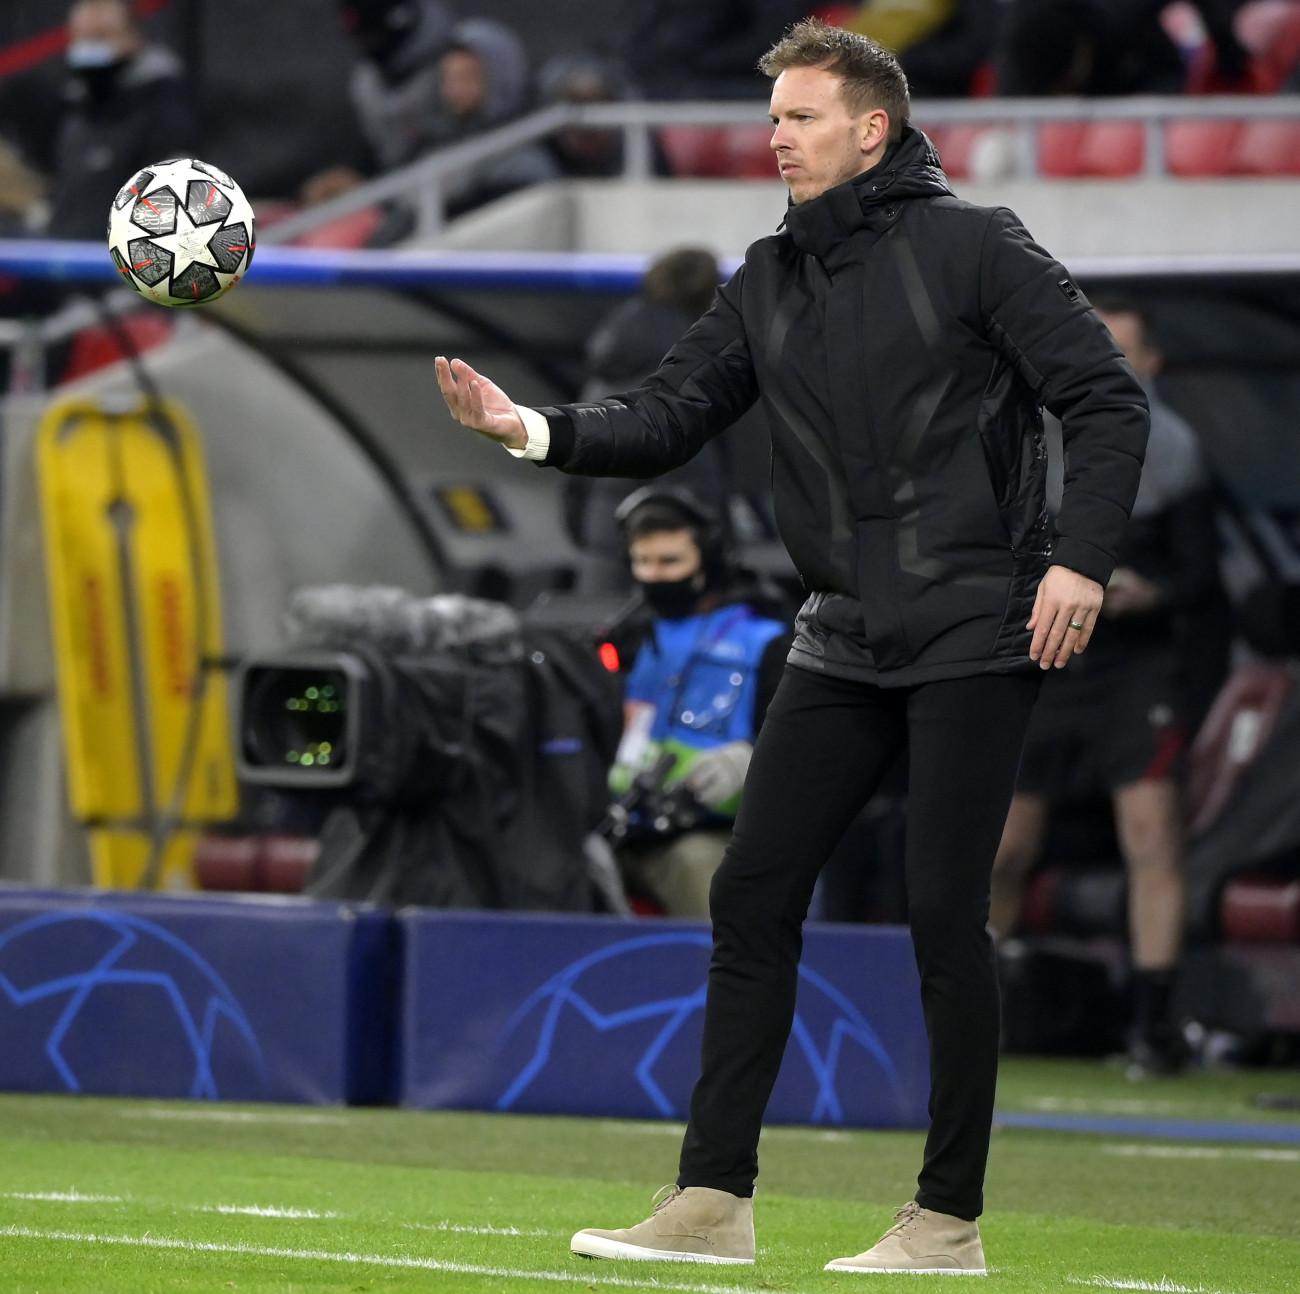 Budapest, 2021. március 10. Julian Nagelsmann, az RB Leipzig vezetőedzője a labdarúgó Bajnokok Ligája nyolcaddöntőjében játszott FC Liverpool-RB Leipzig visszavágó mérkőzésen a Puskás Arénában 2021. március 10-én. A Liverpool 2-0-ra győzött és 4-0-s összesítéssel továbbjutott. MTI/Koszticsák Szilárd